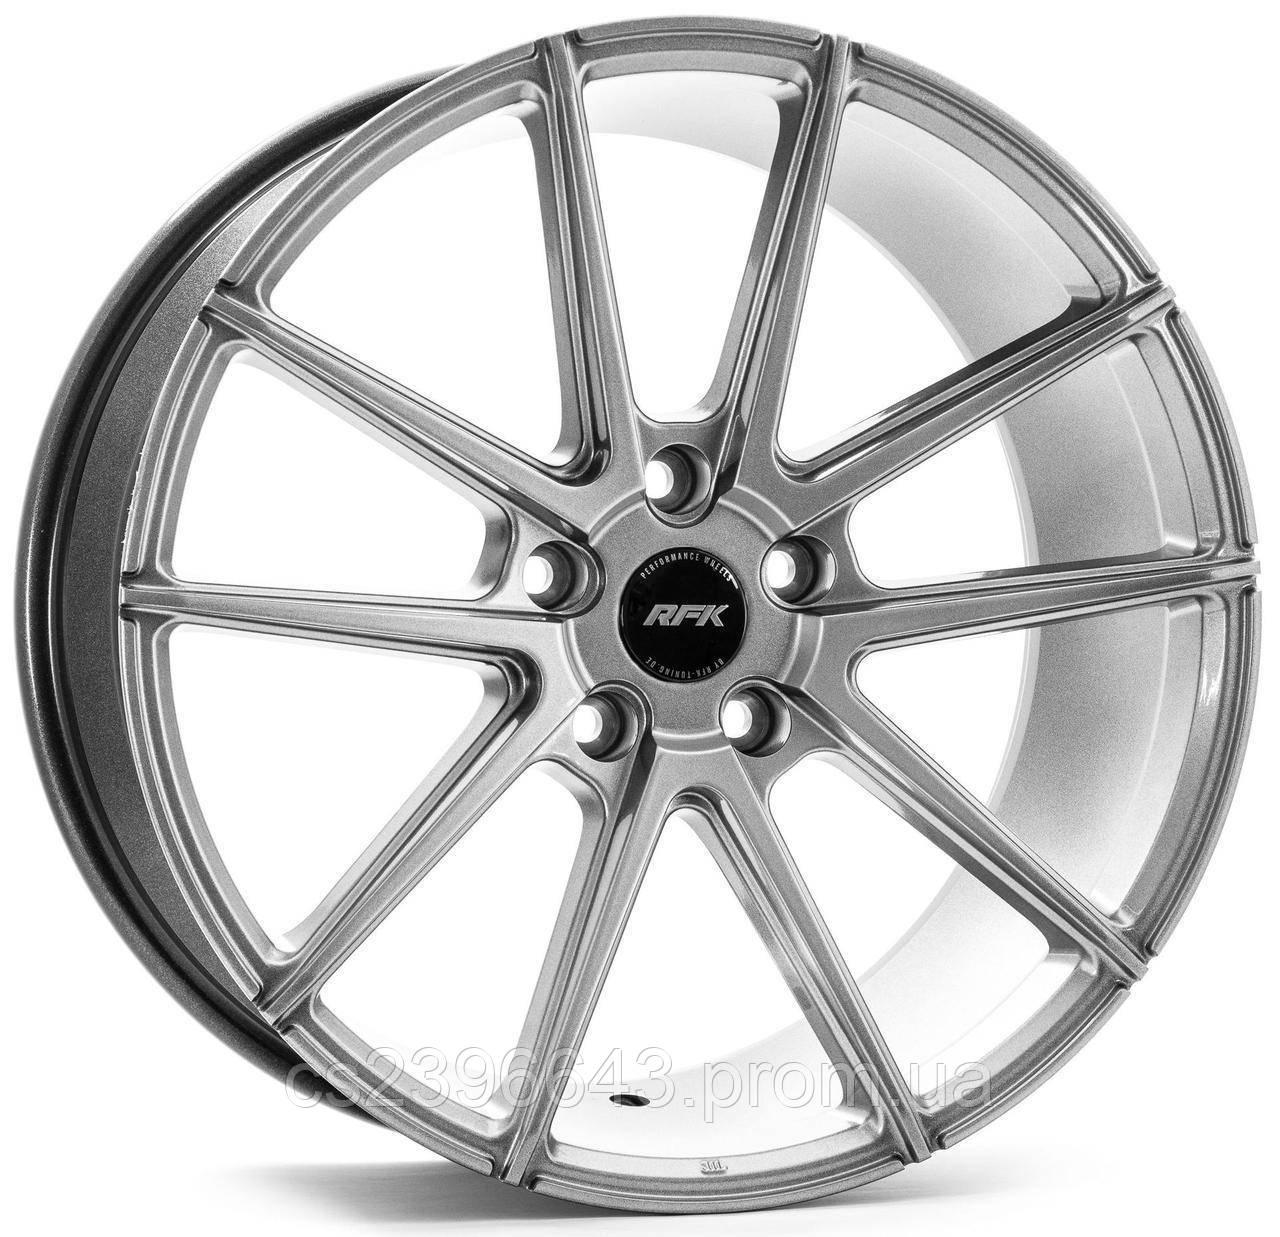 Колесный диск RFK Wheels GLS302 19x9,5 ET15